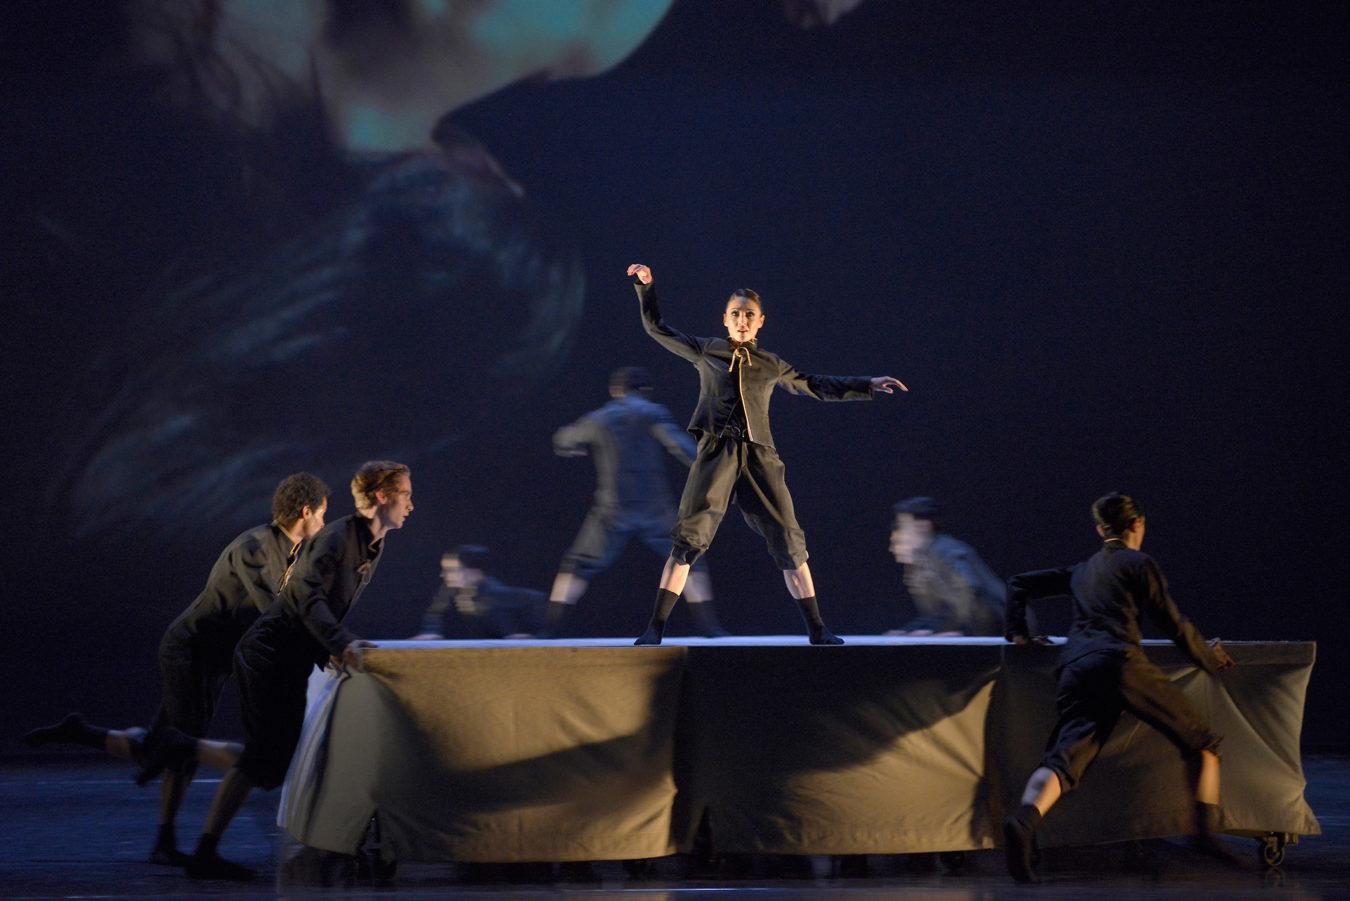 """Yulia Tsoi, Ensemble in """"Flockwork"""" - Teil des Ballettabends """"3 BY EKMAN"""" mit Werken von Alexander Ekman_AALTO BALLETT ESSEN"""